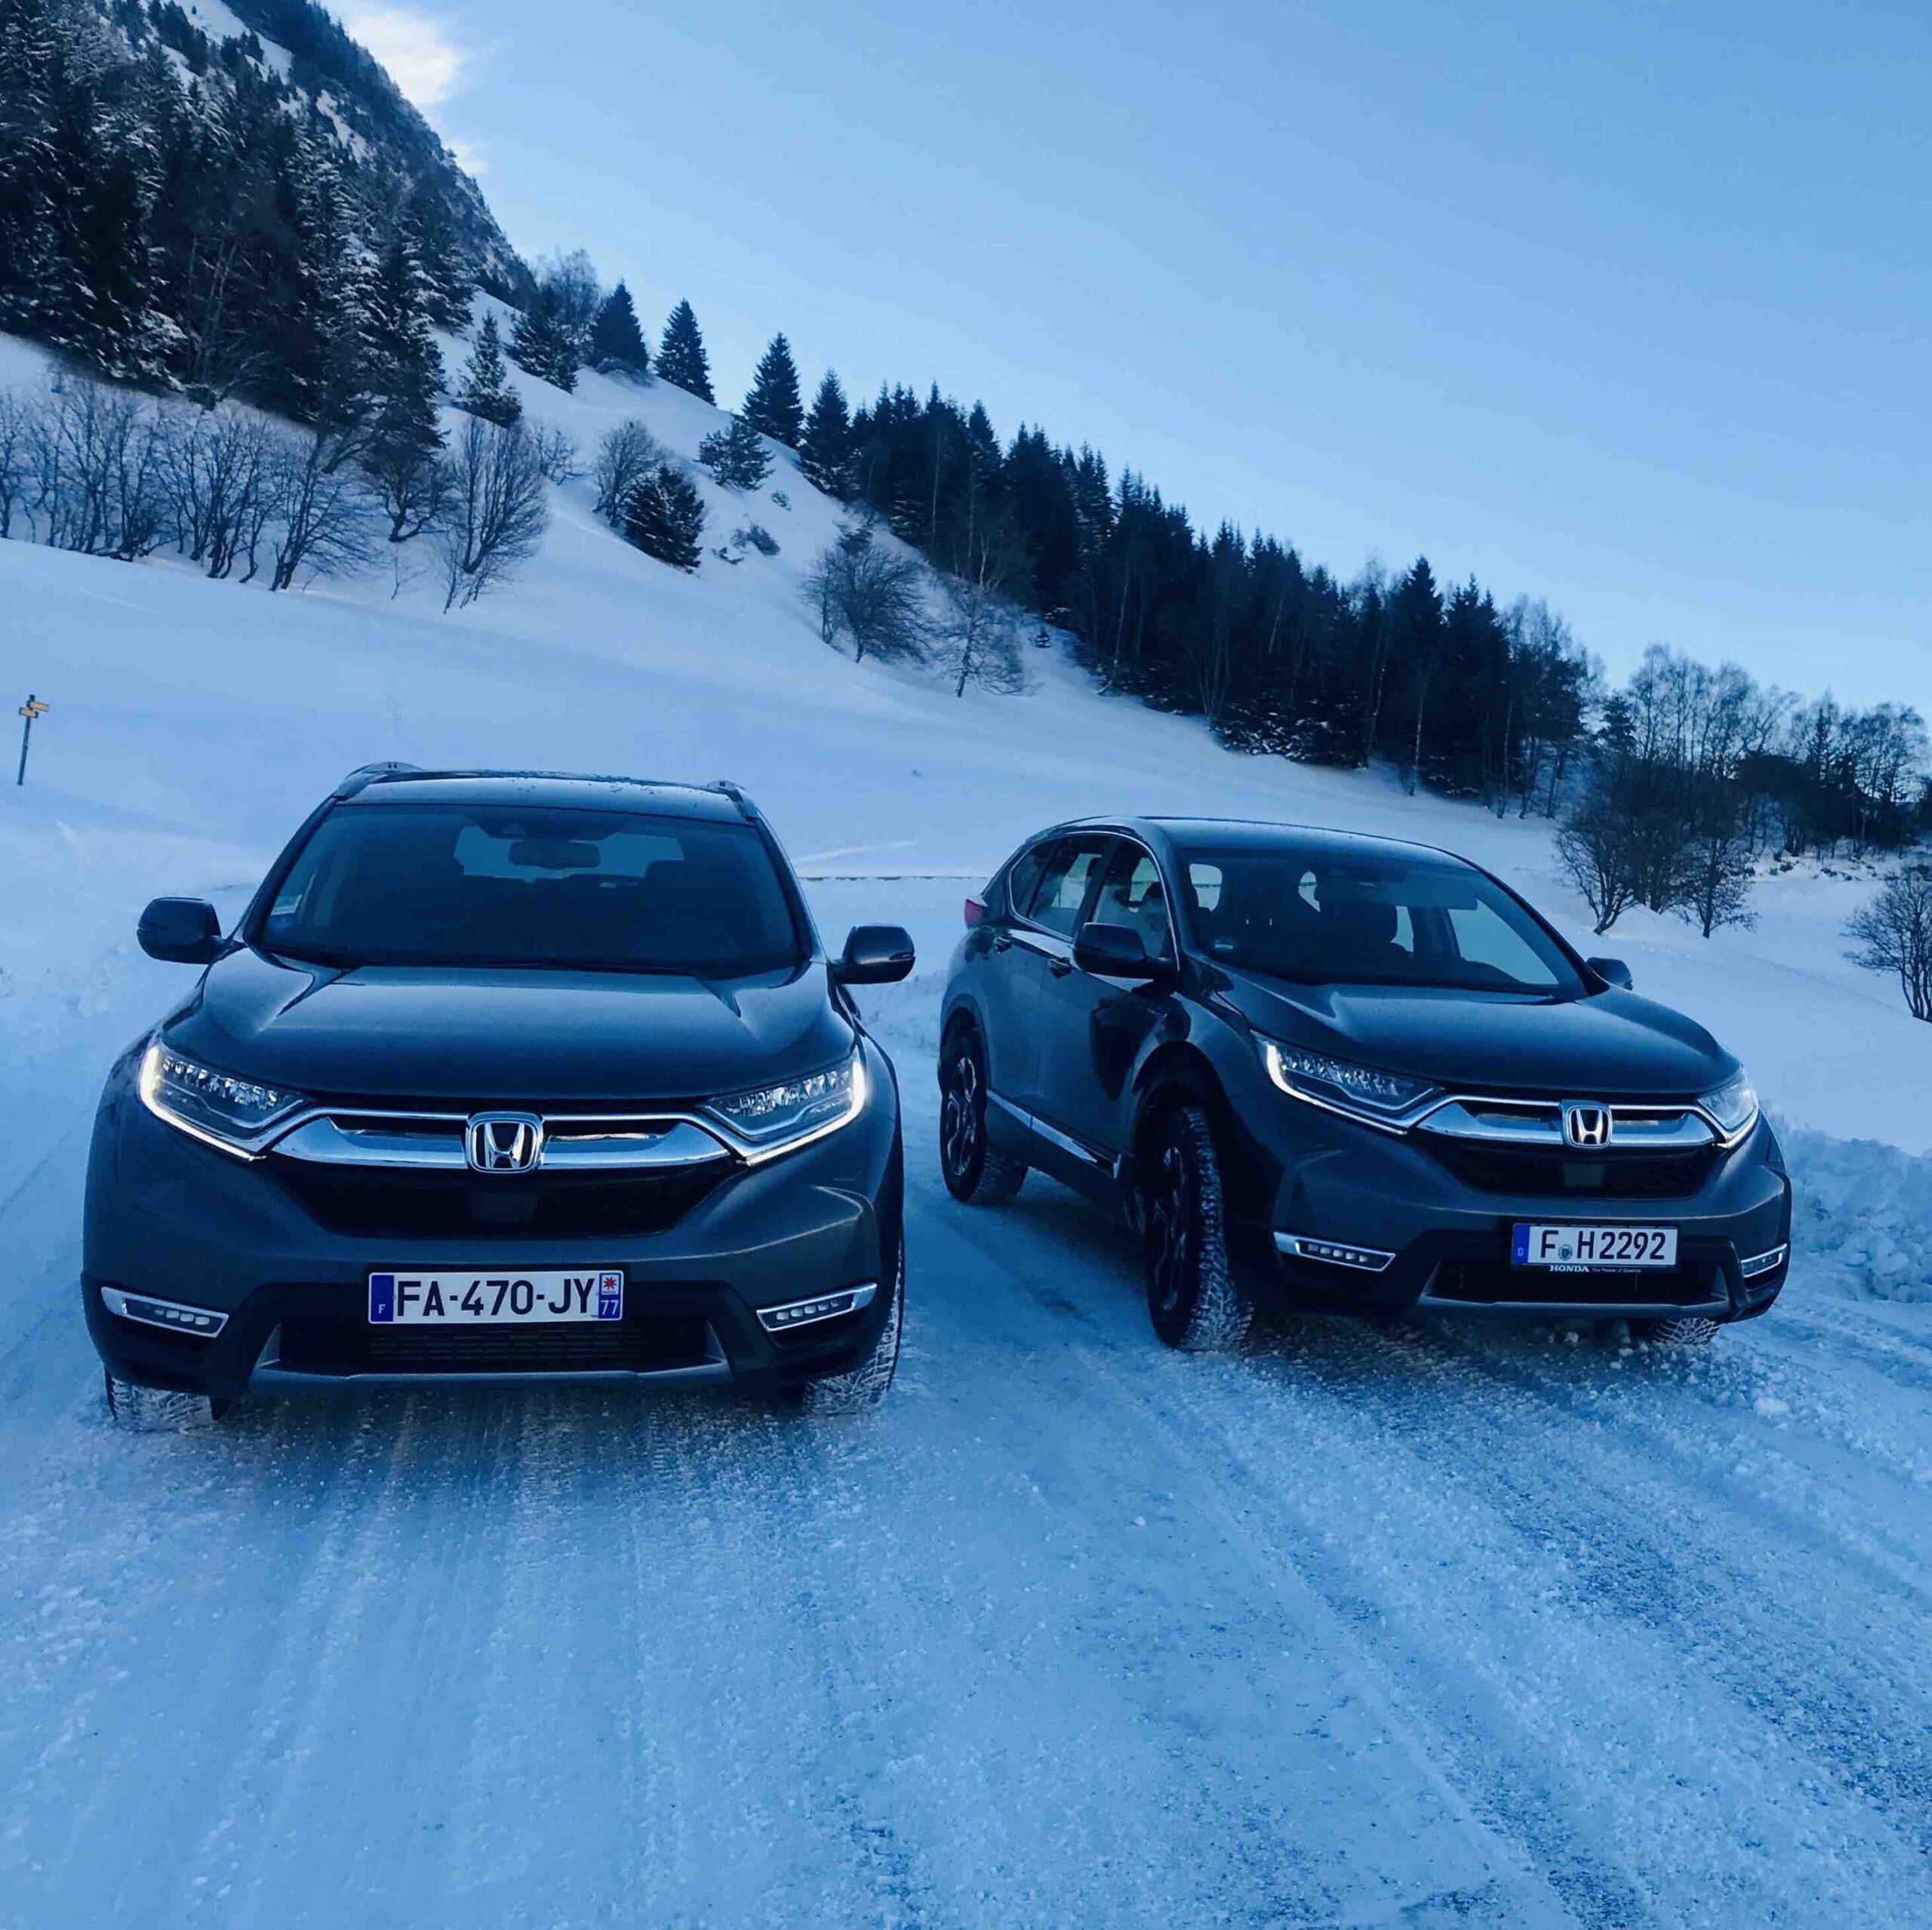 Qu'est-ce qu'un SUV sur la neige?